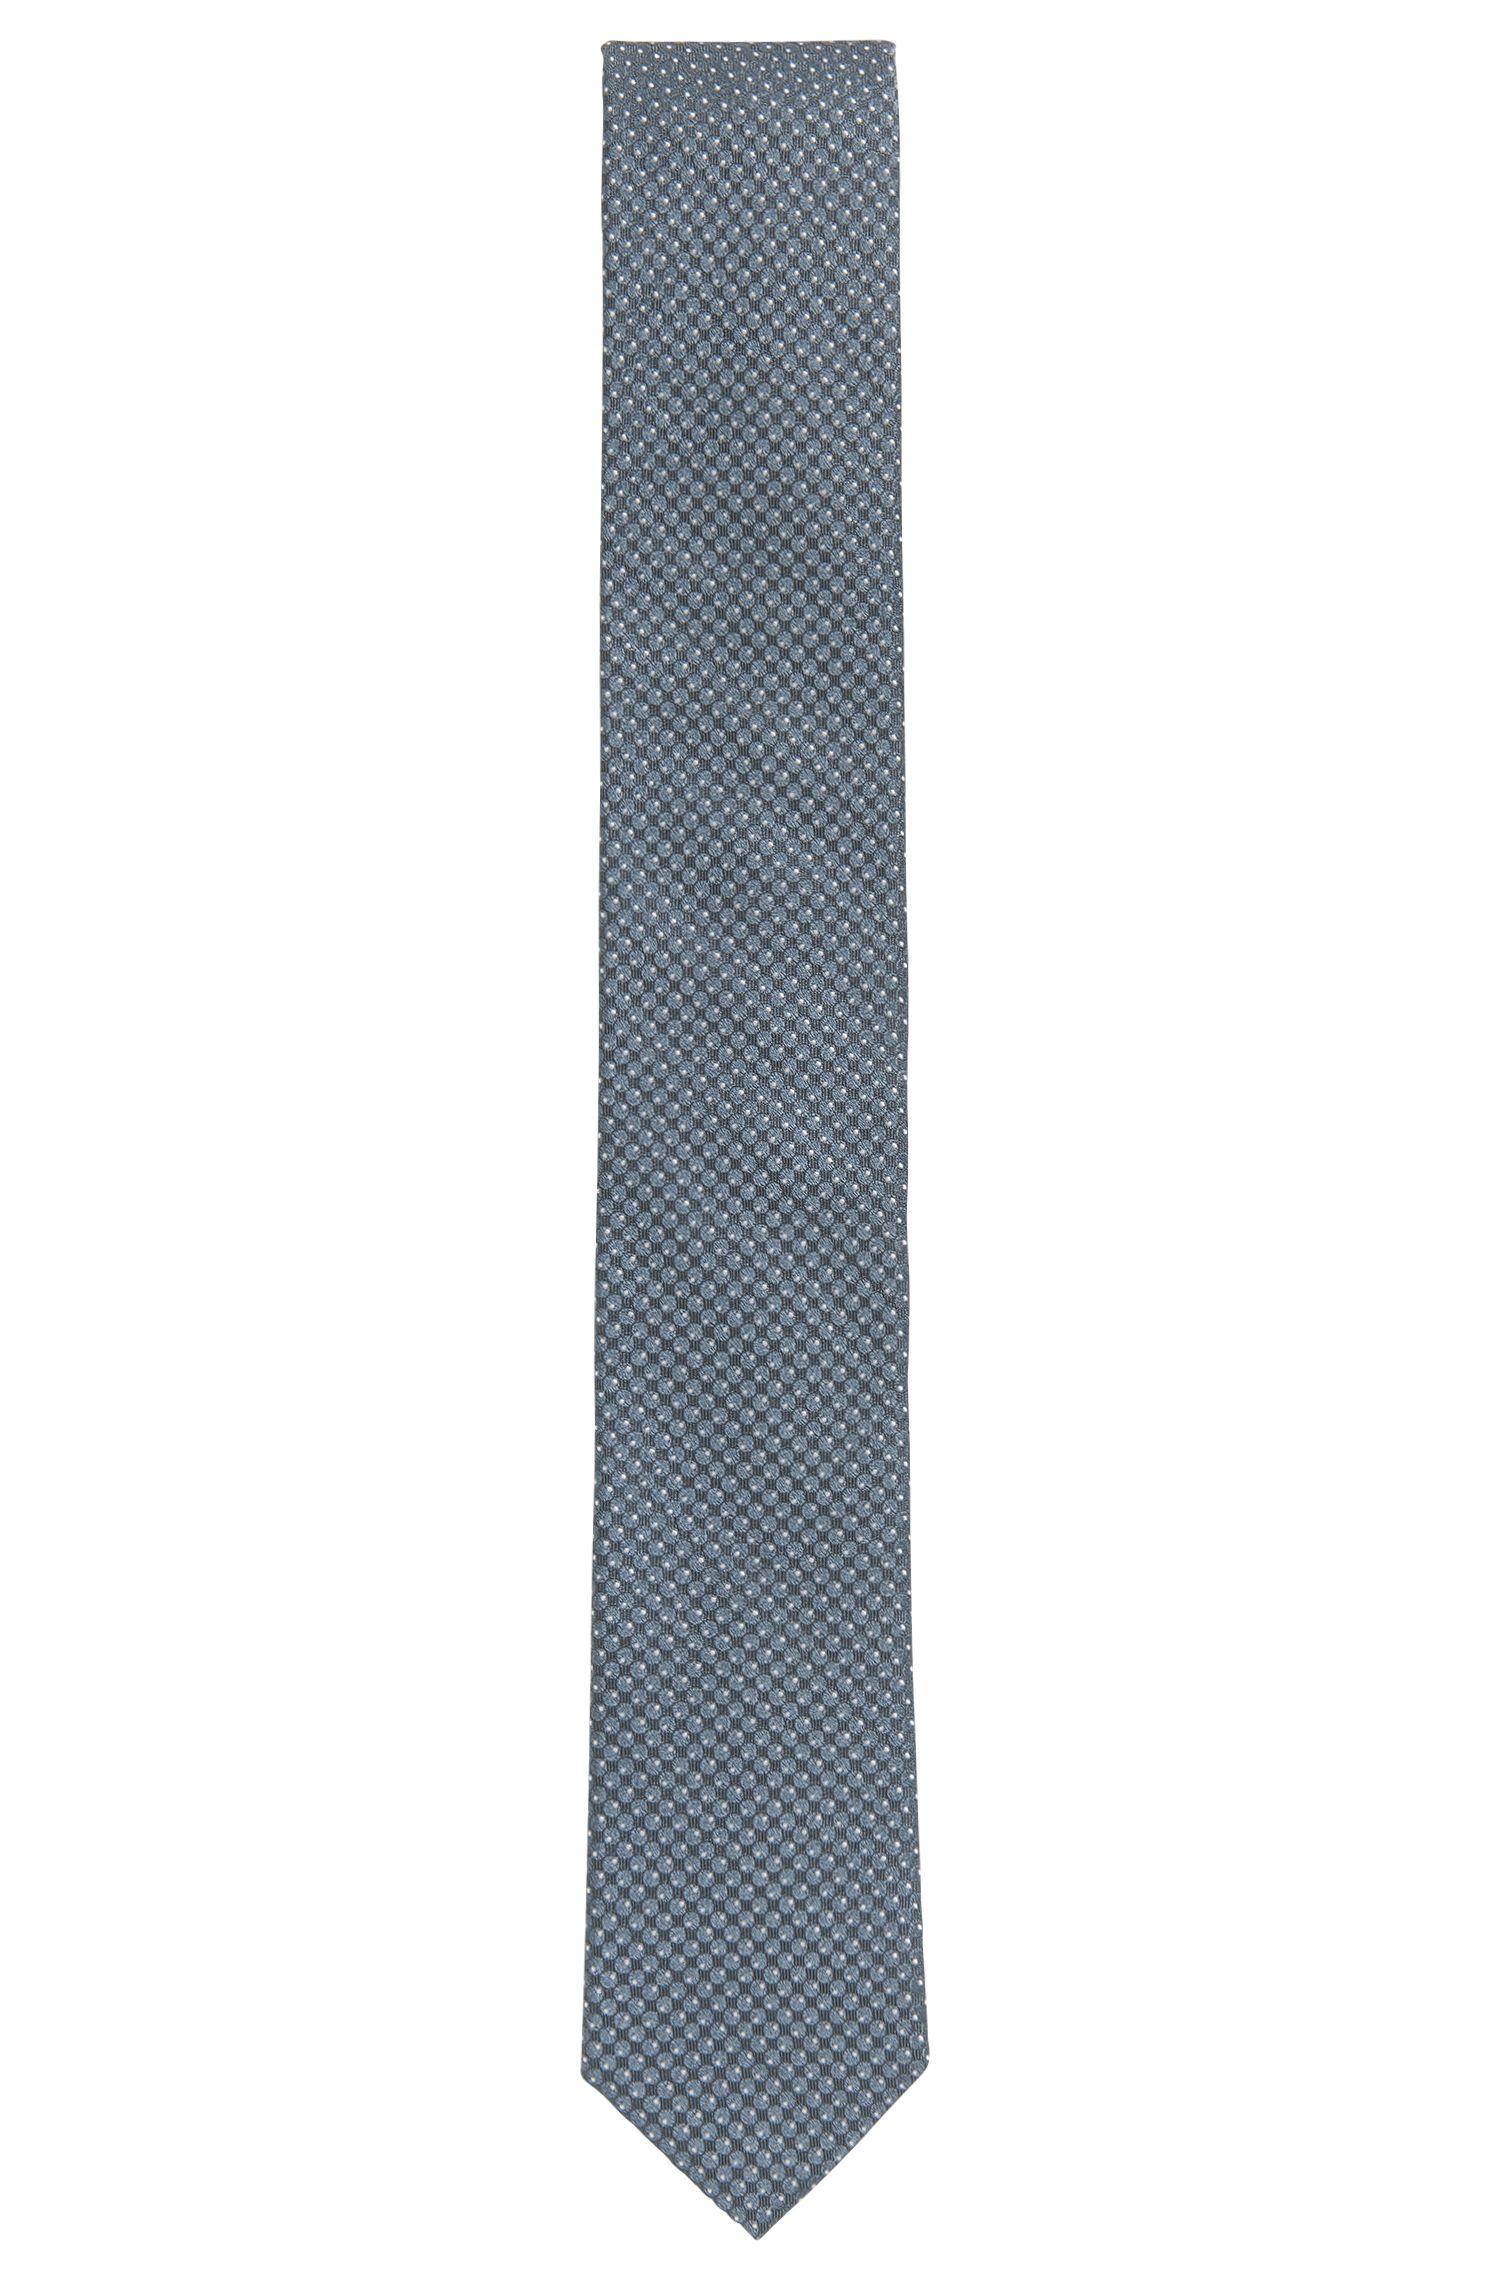 In Italië vervaardigde stropdas in een jacquard van zijde met stippendessin